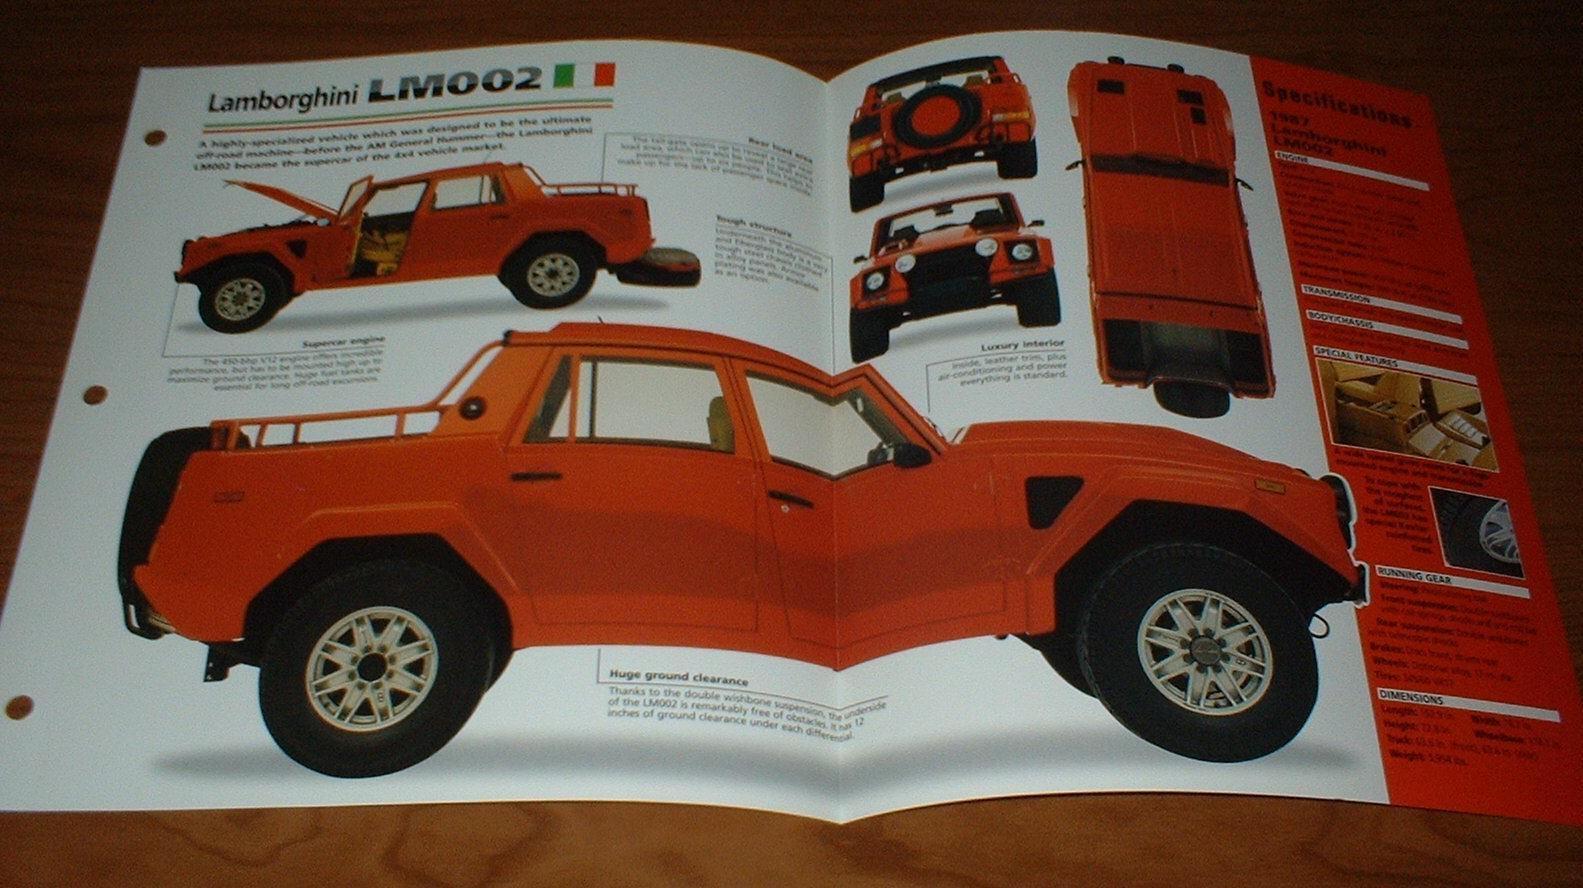 Amazing 1987 Lamborghini Lm002 Original Imp Brochure Specs Info 87